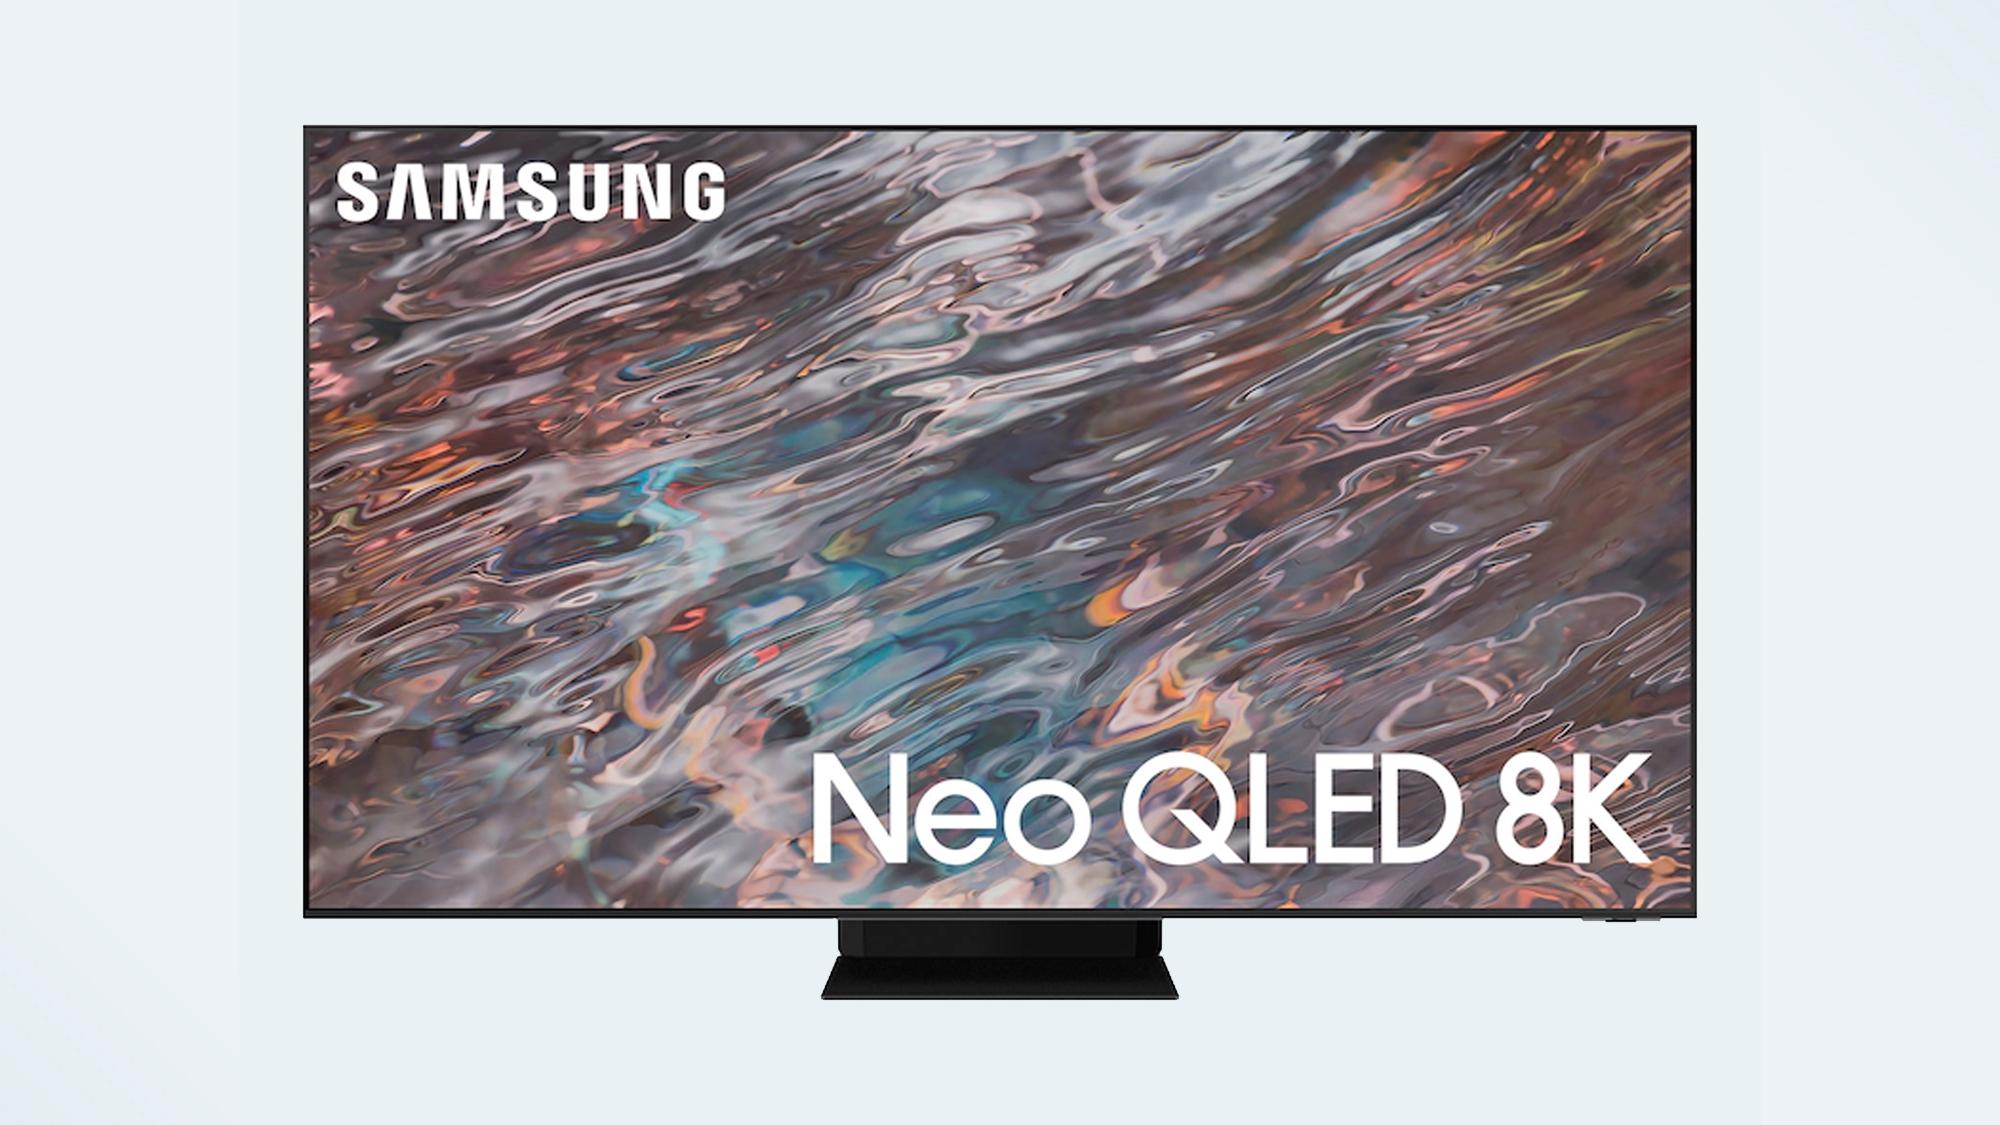 Best 8K TVs: Samsung QN800A Neo QLED 8K TV